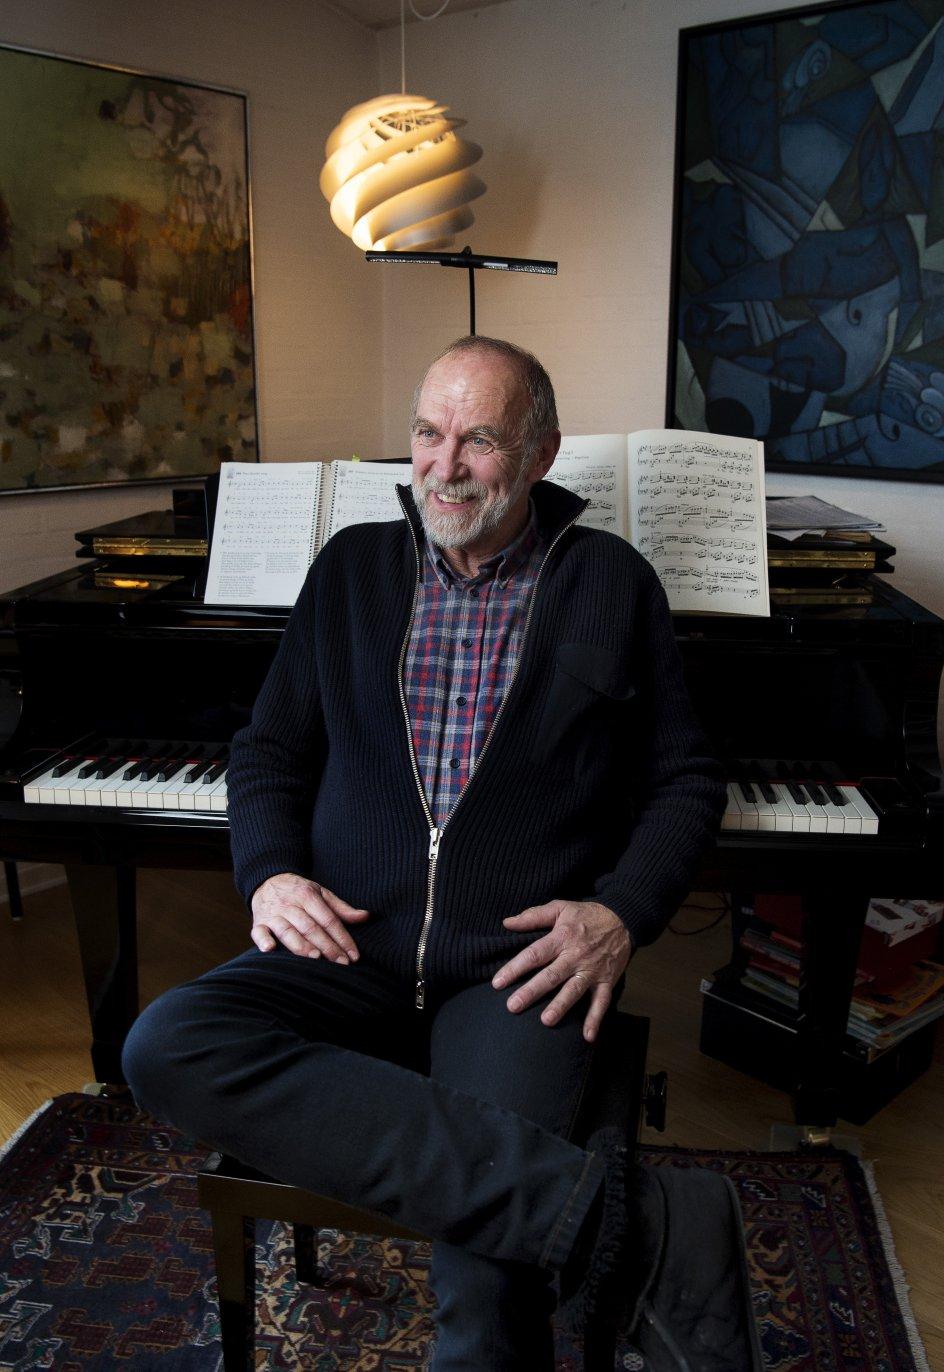 """Erik Sommer har komponeret et sted mellem 300 og 400 sange. Mange af dem er at finde i sangbøger, der bliver brugt til børn og unge. Melodien til """"Du, som har tændt millioner af stjerner"""", som han er mest kendt for, skrev han på en enkelt dag. –"""